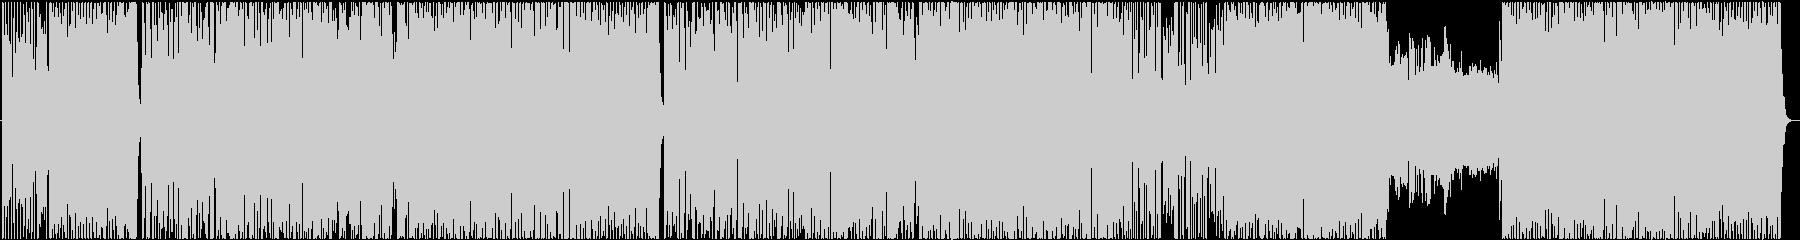 スピードメタル Vanquishの未再生の波形